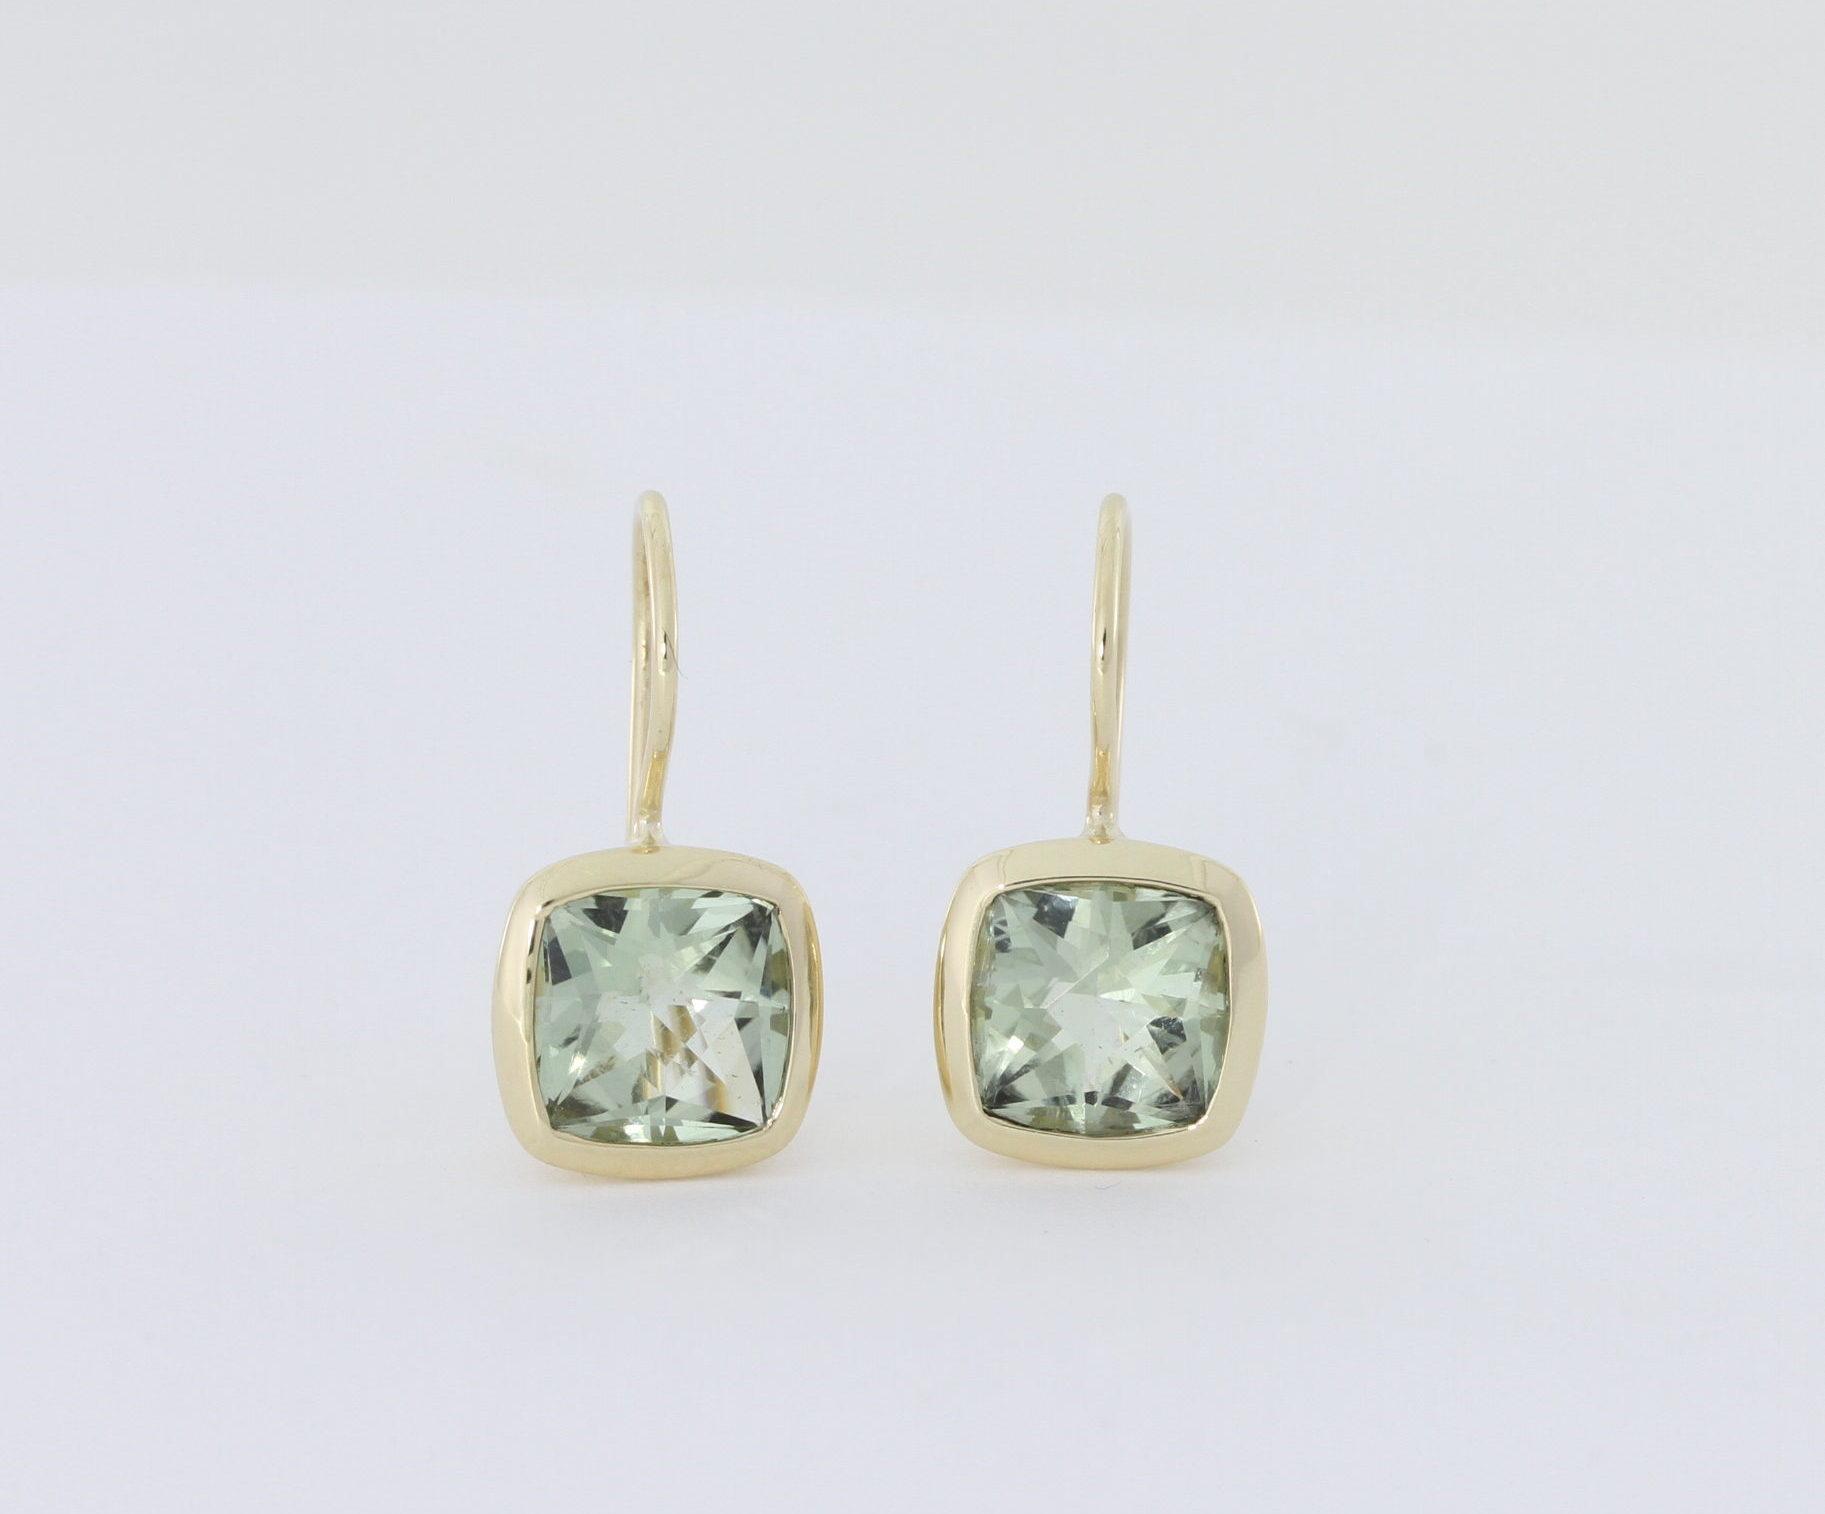 Payet green quartz cushion cut earrings